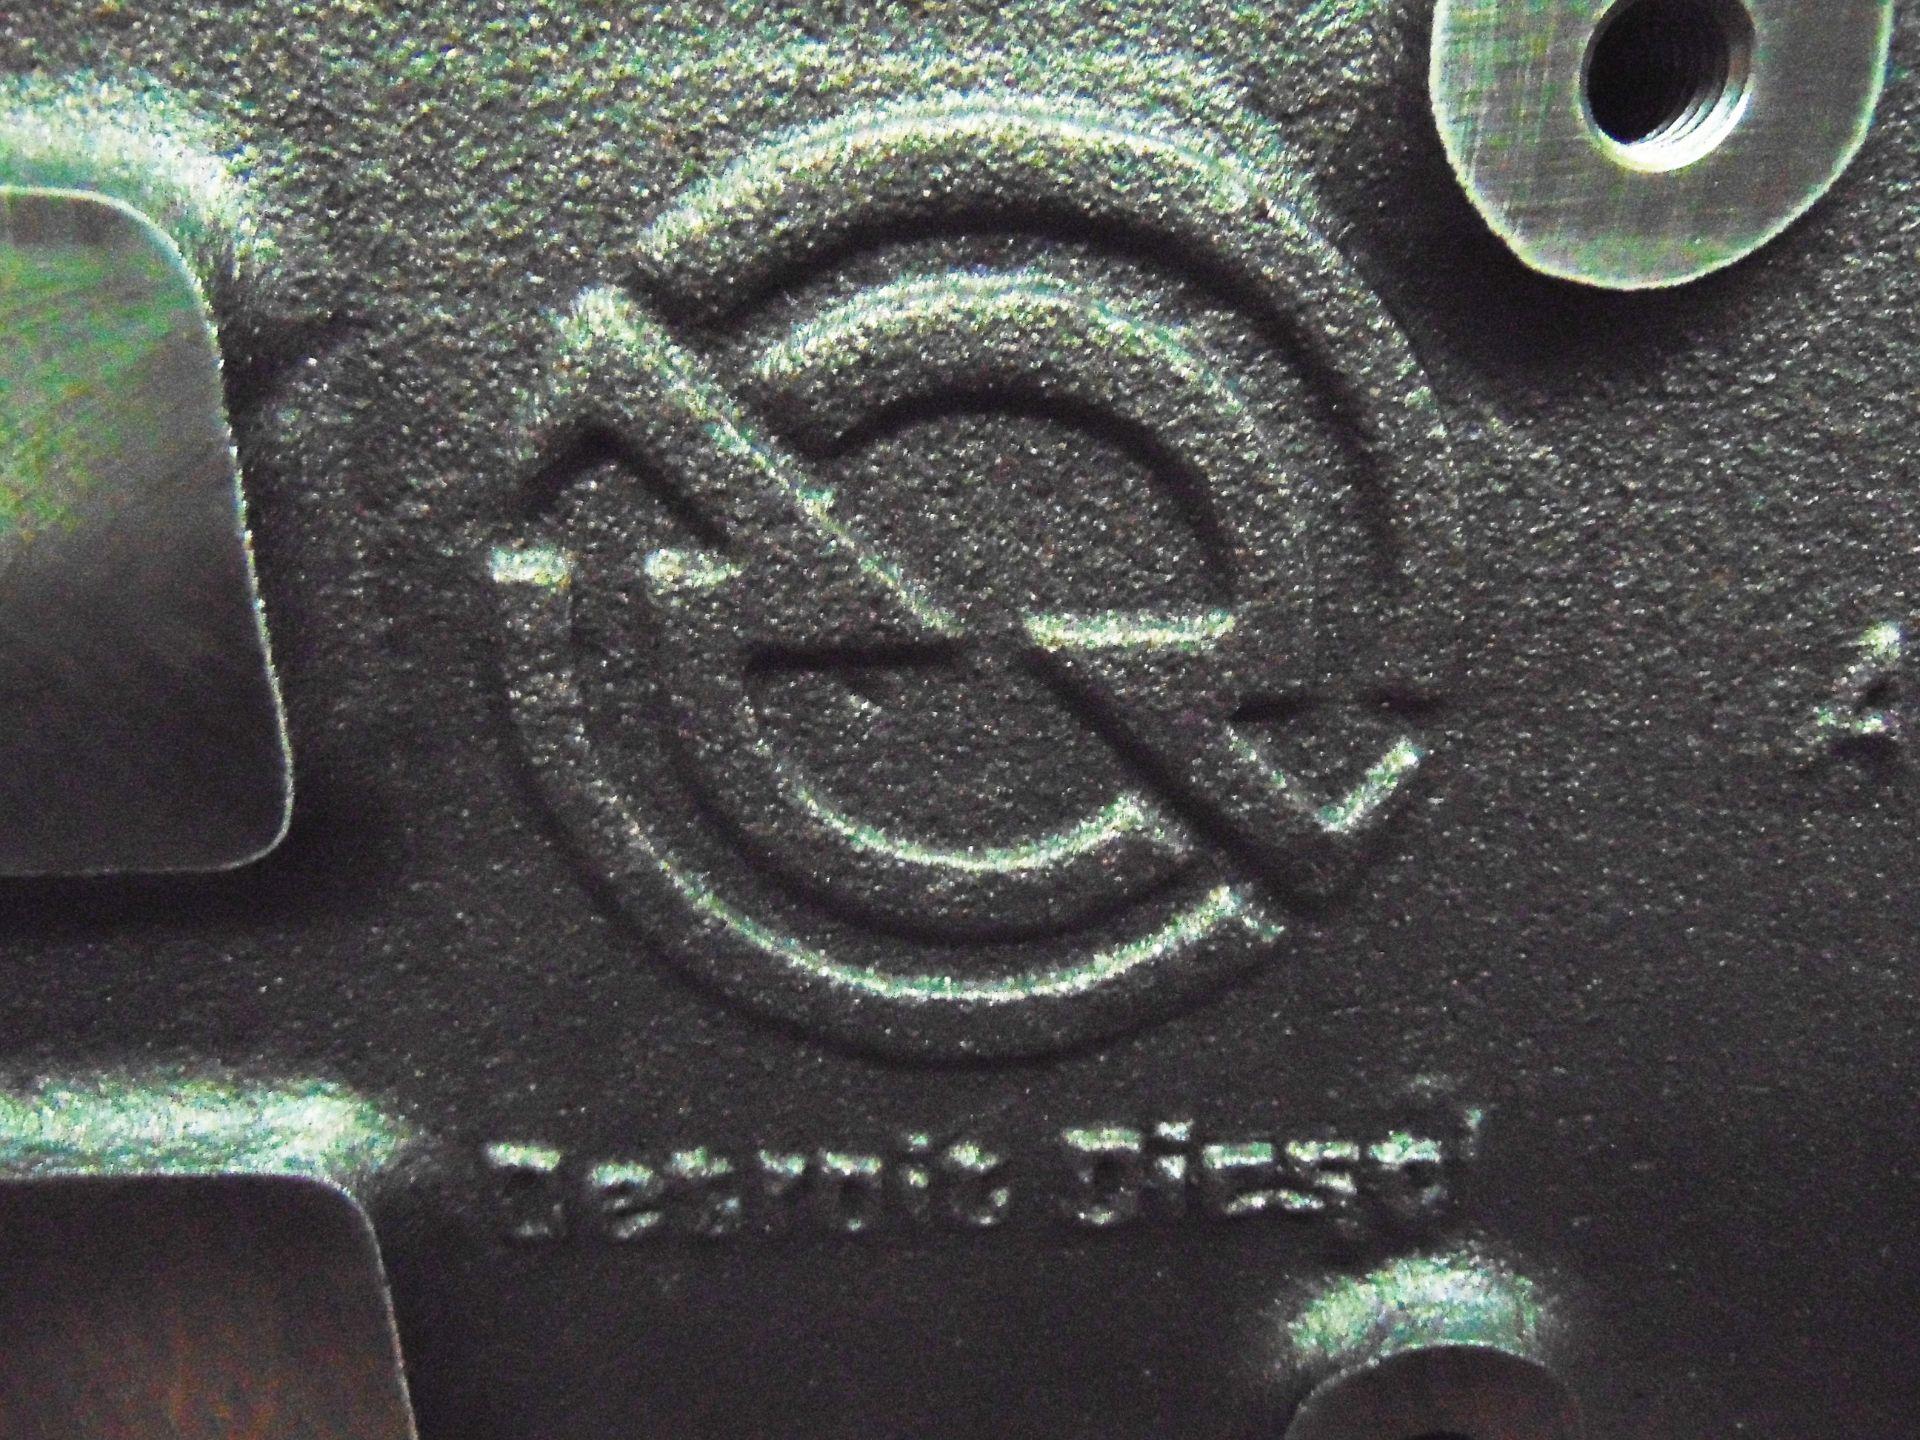 Lot 12 - Brand New & Unused Detroit Diesel V8 20V149 New Bare Engine Block